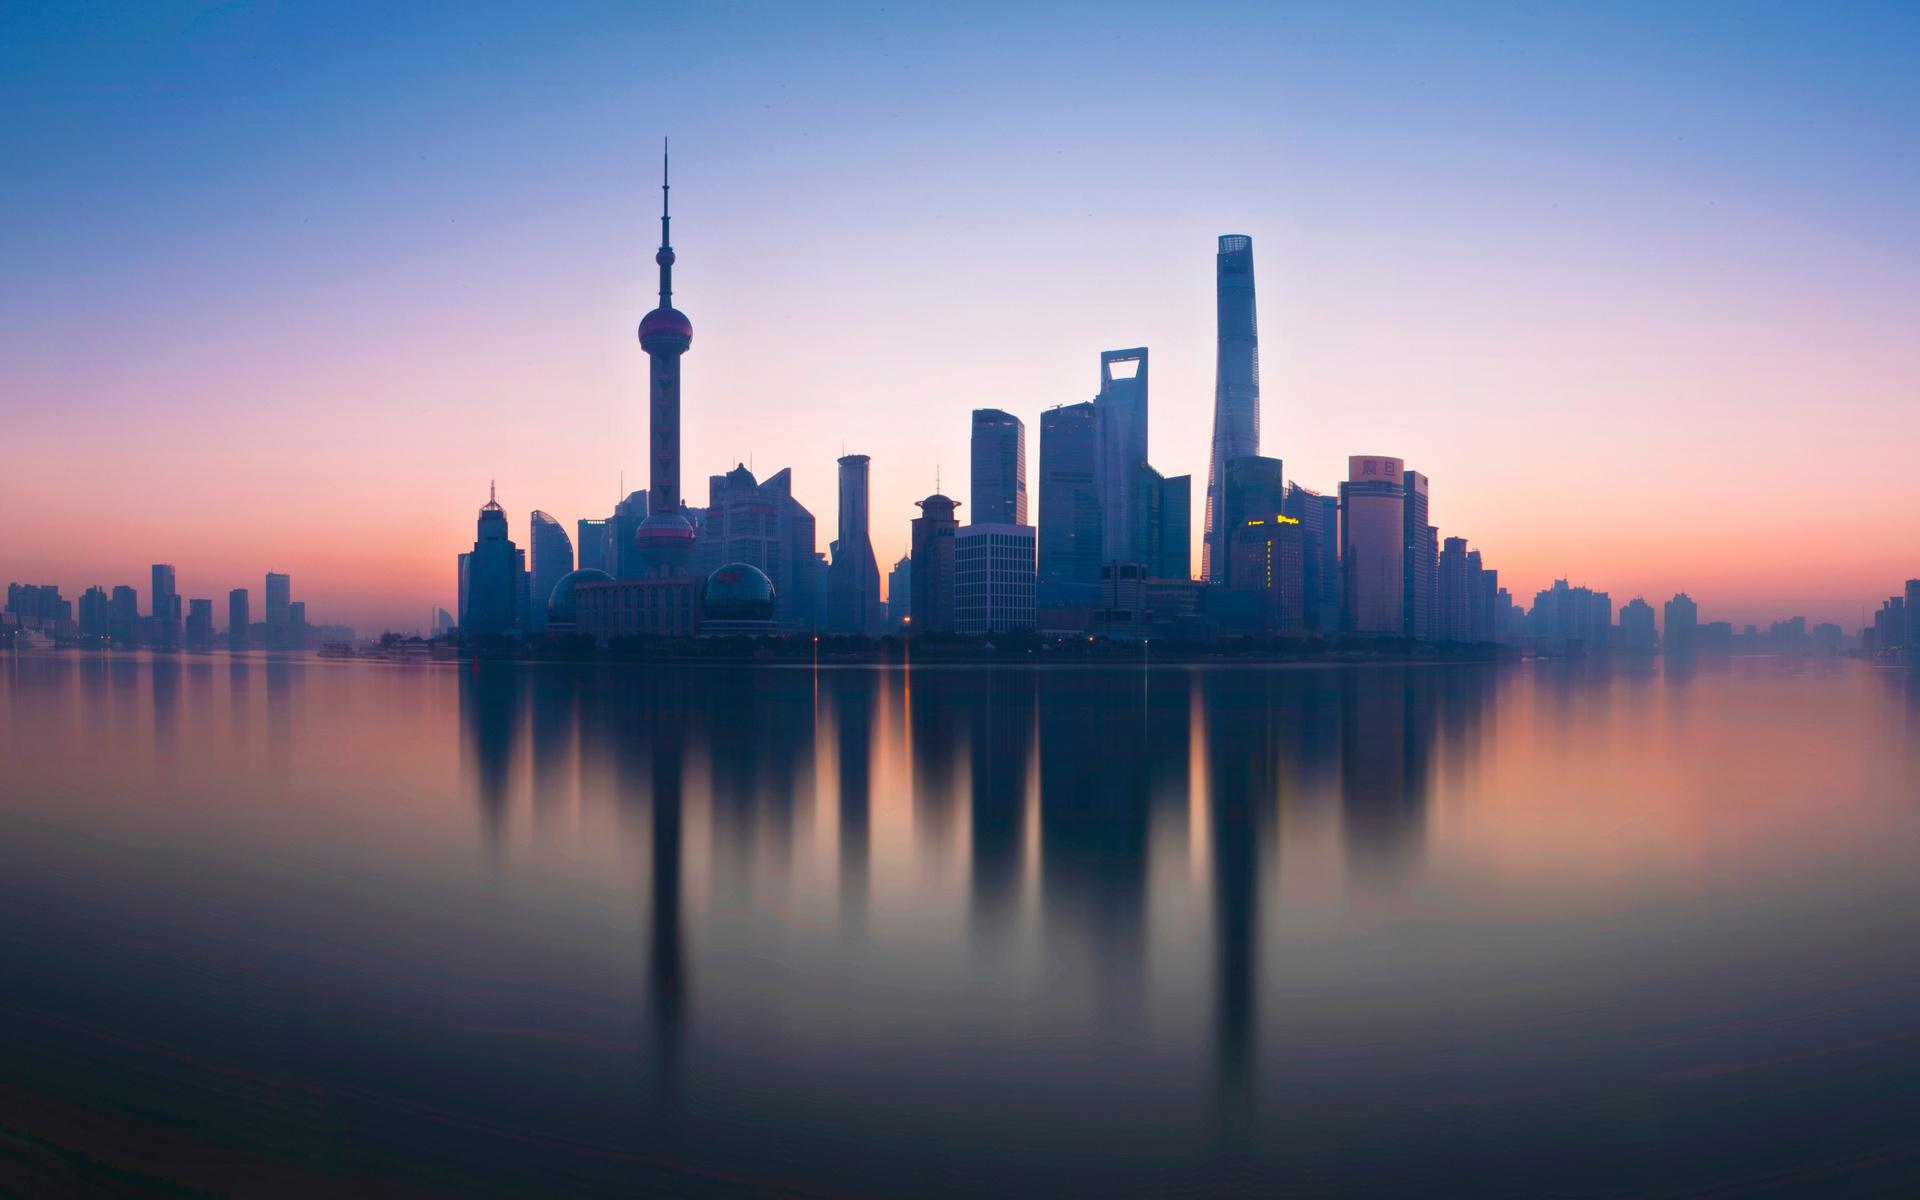 шанхай, утро, городские пейзажи, река хуанпу, небоскребы, телебашня